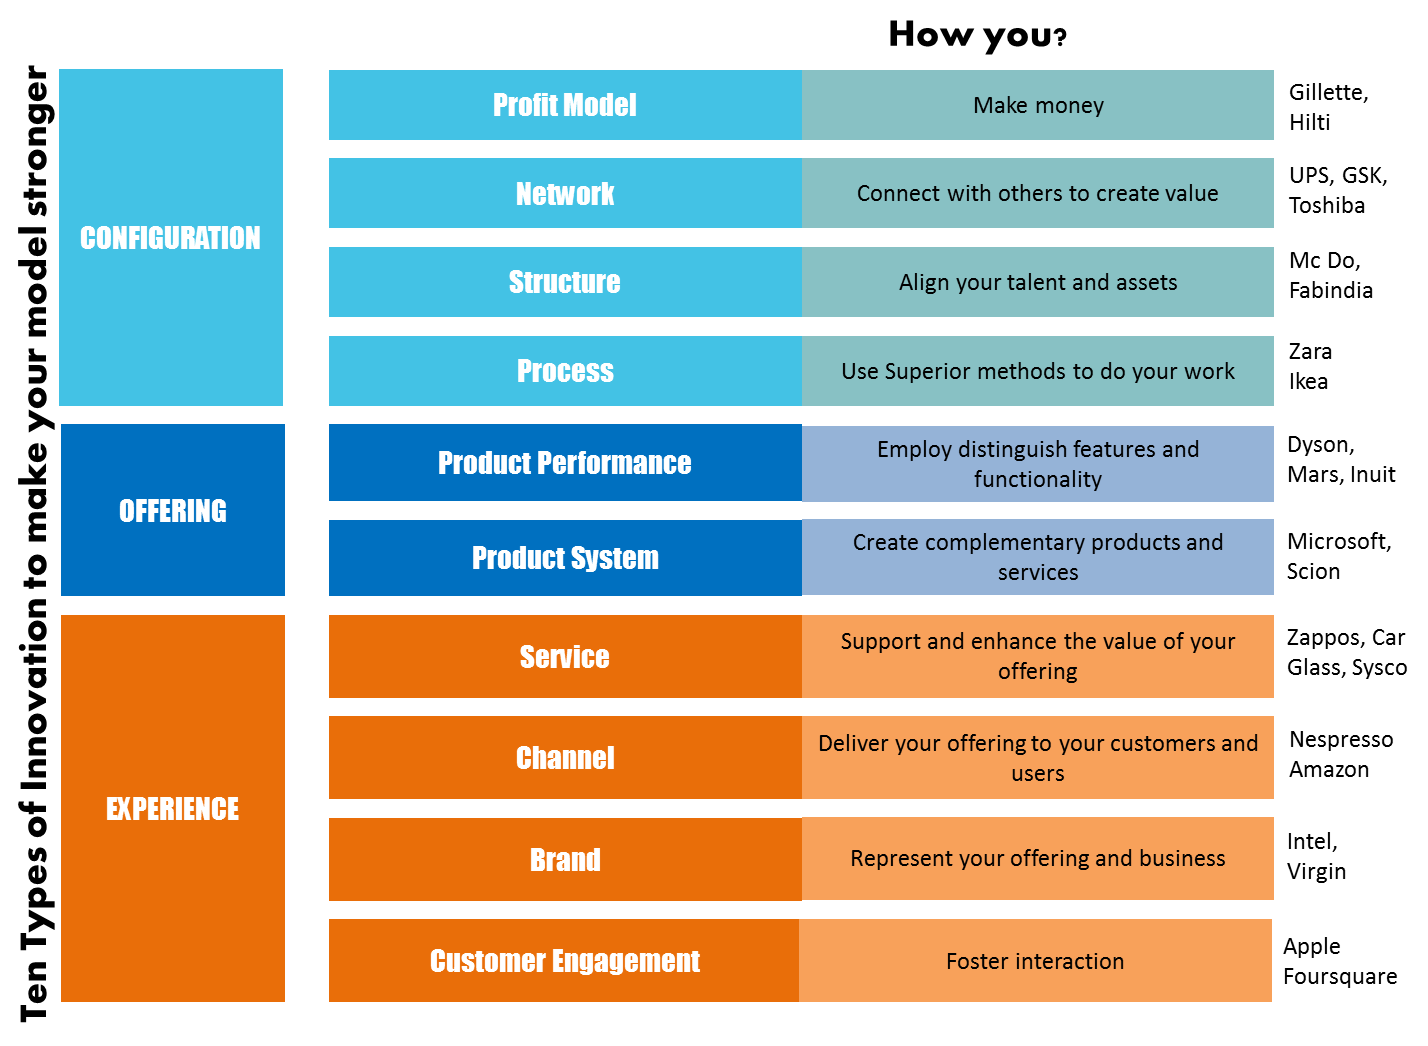 десять типов новшеств, усиливающих вашу модель